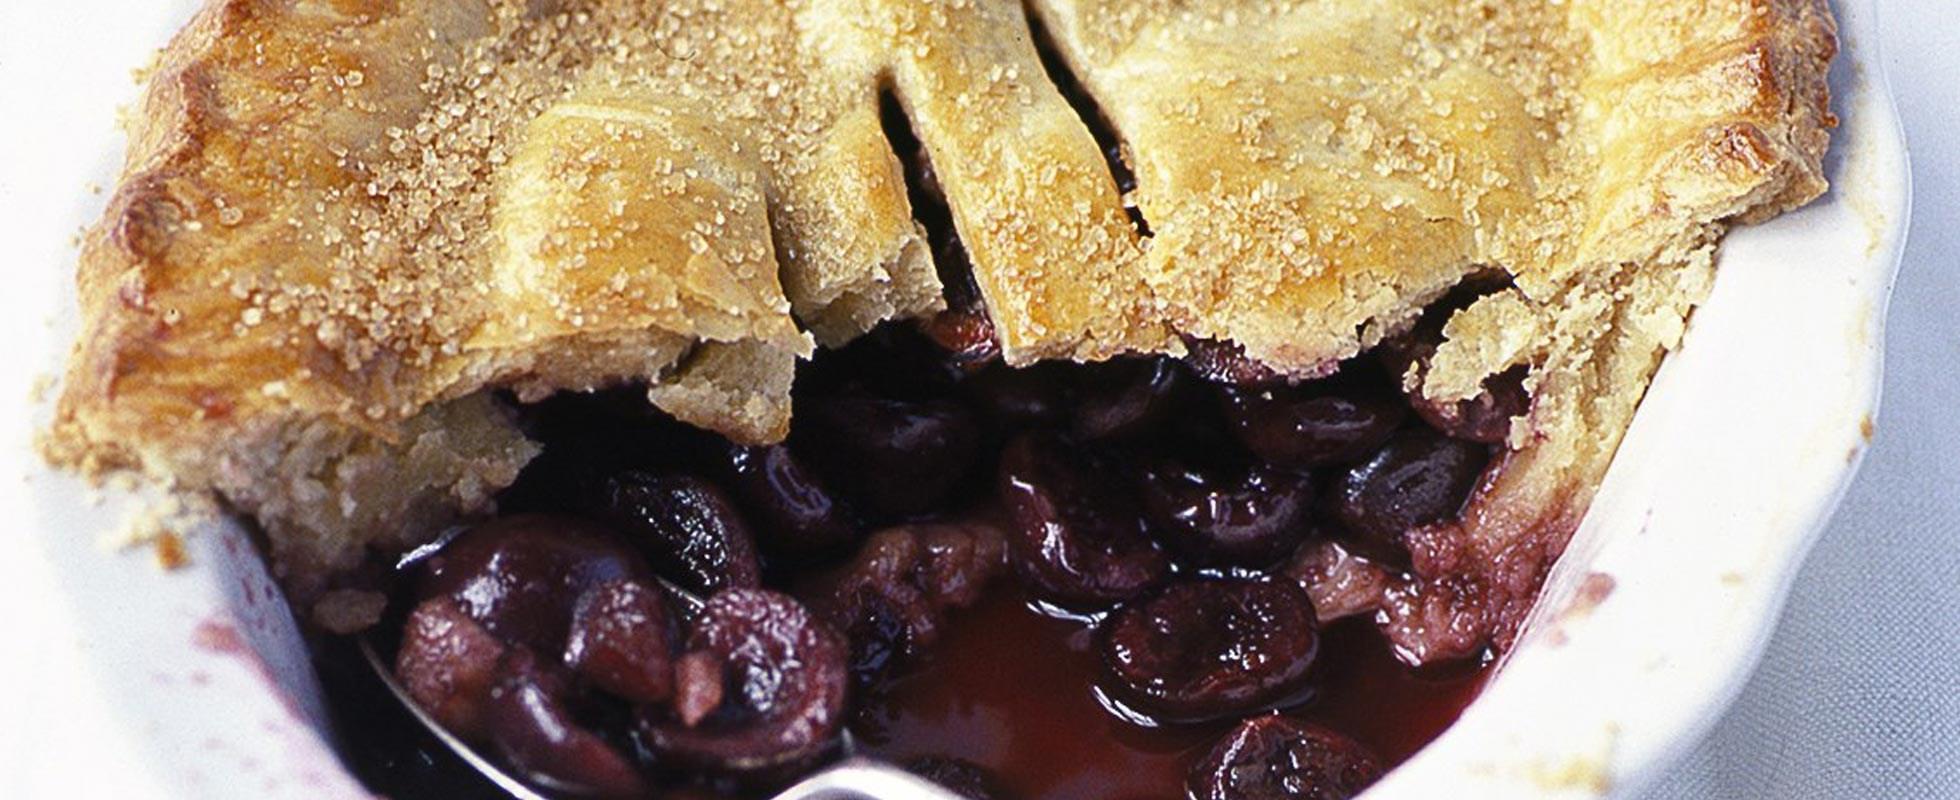 Sugar crust cherry pie